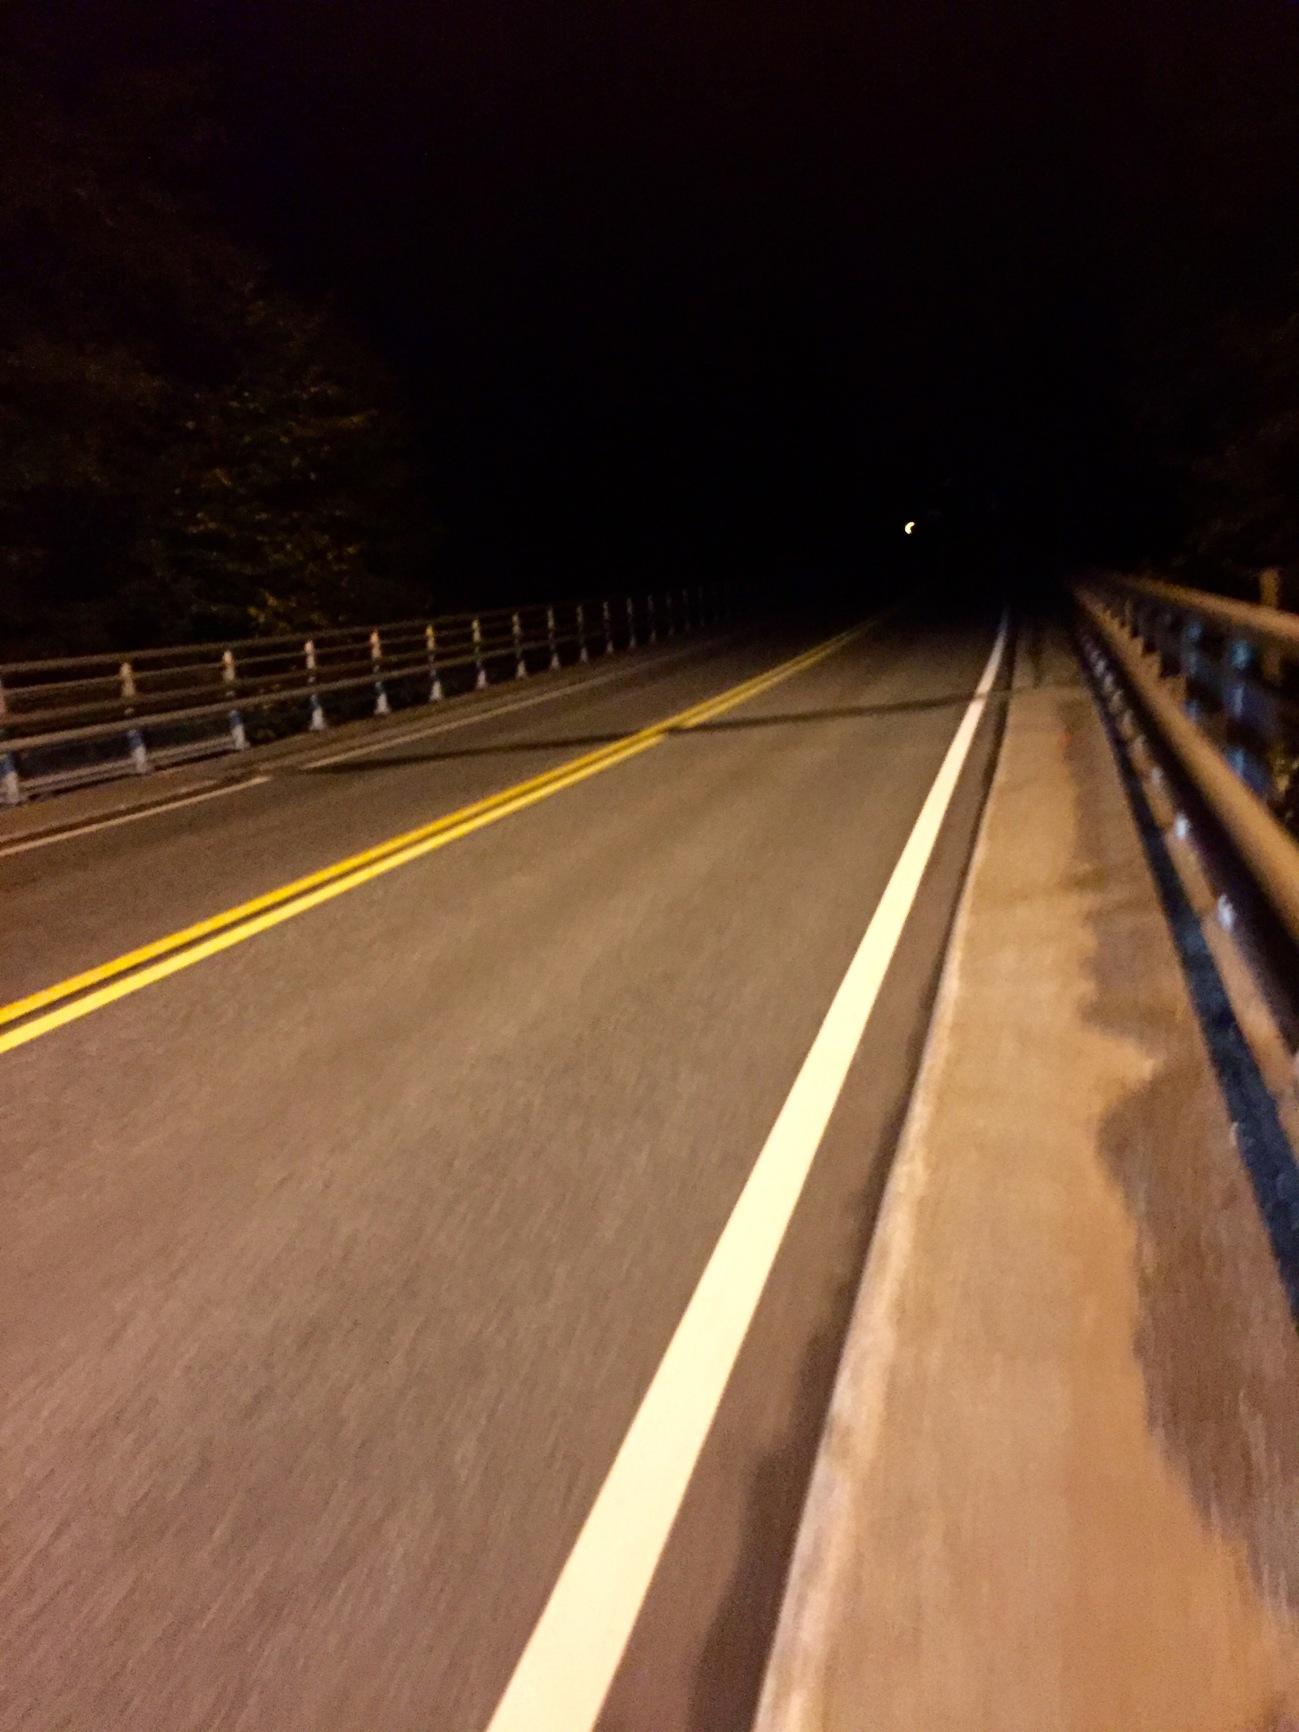 Lørdags natt på veien og neste alene